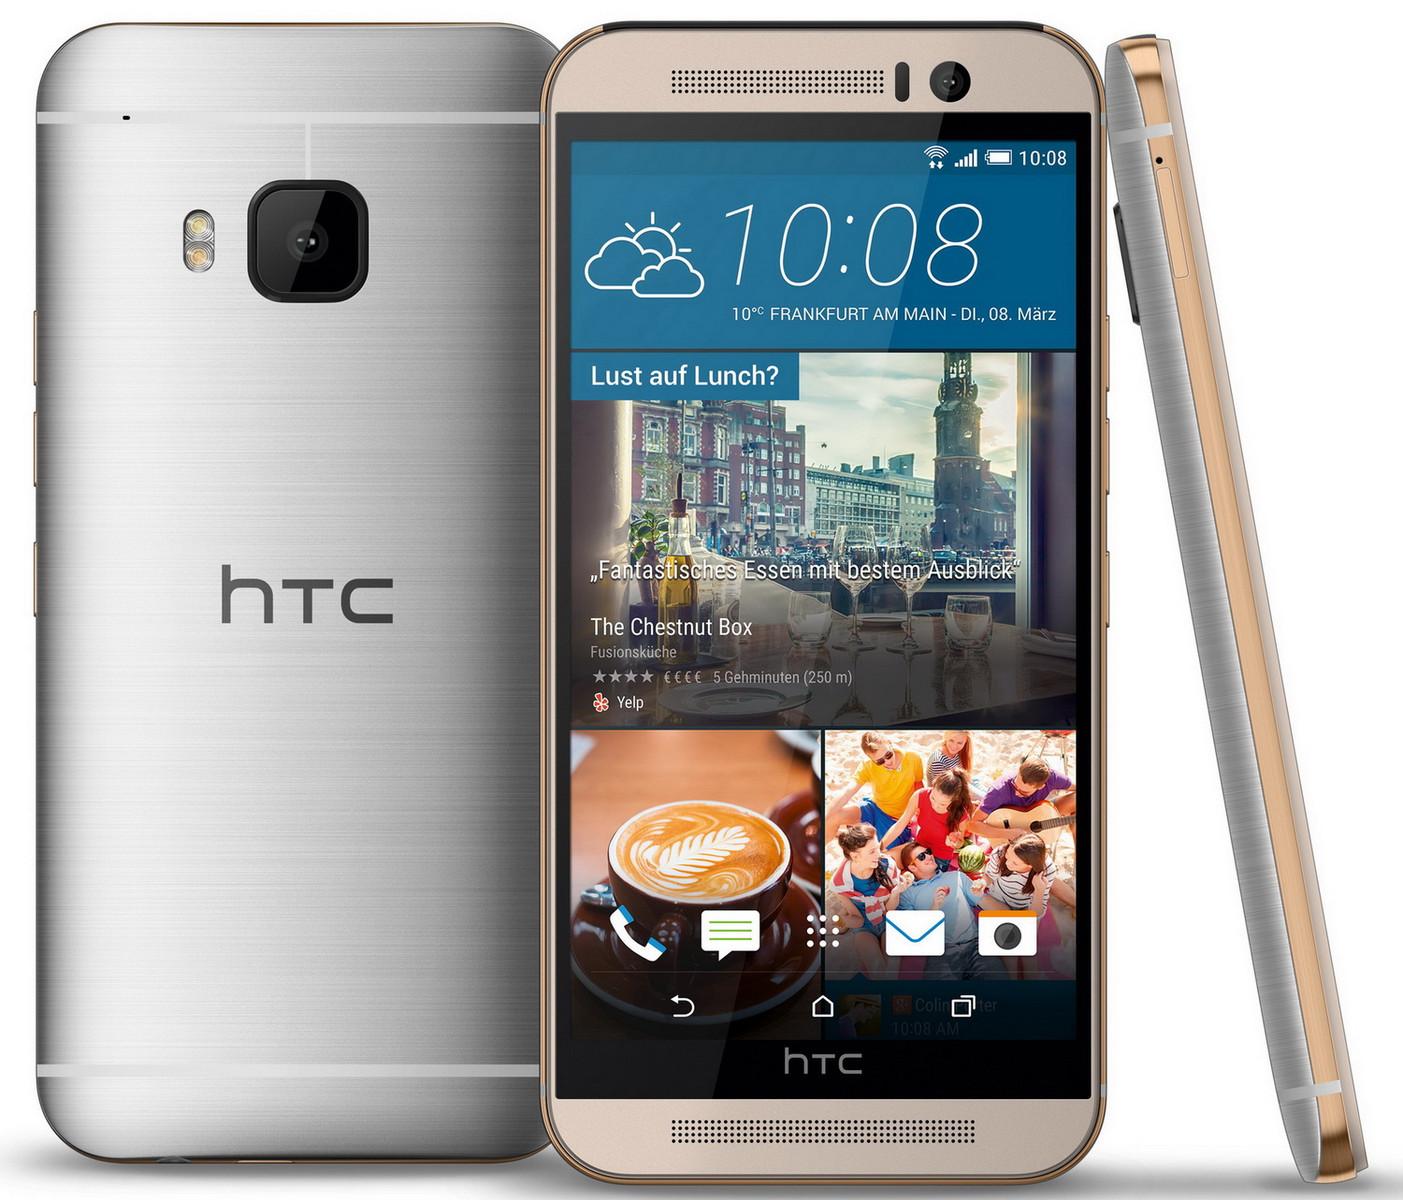 Neues Htc One M9